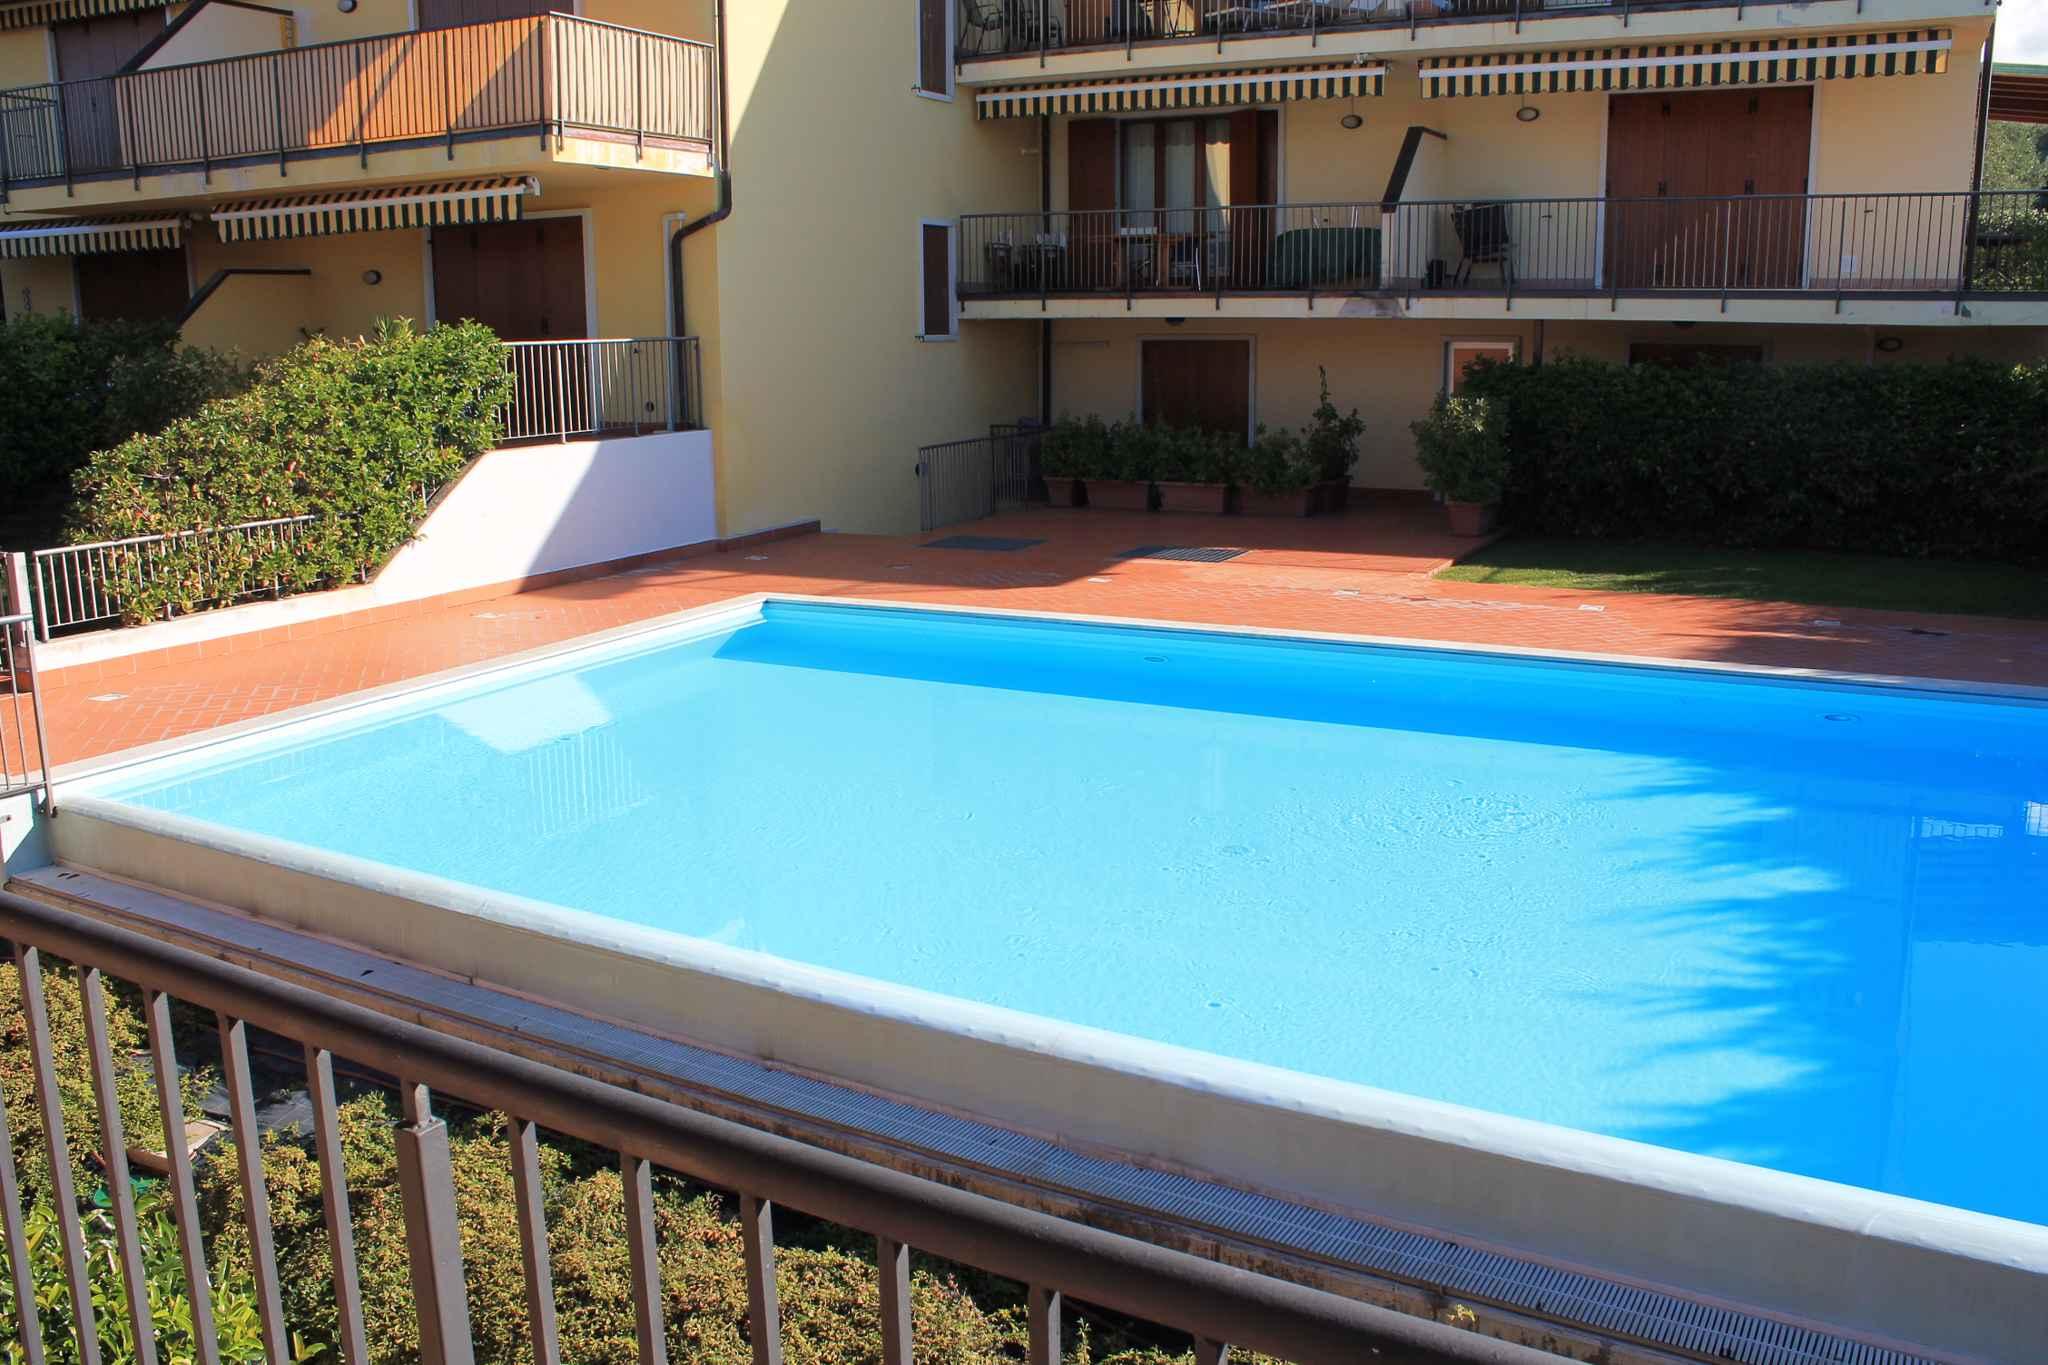 Ferienwohnung con piscina (488636), Lazise, Gardasee, Venetien, Italien, Bild 5